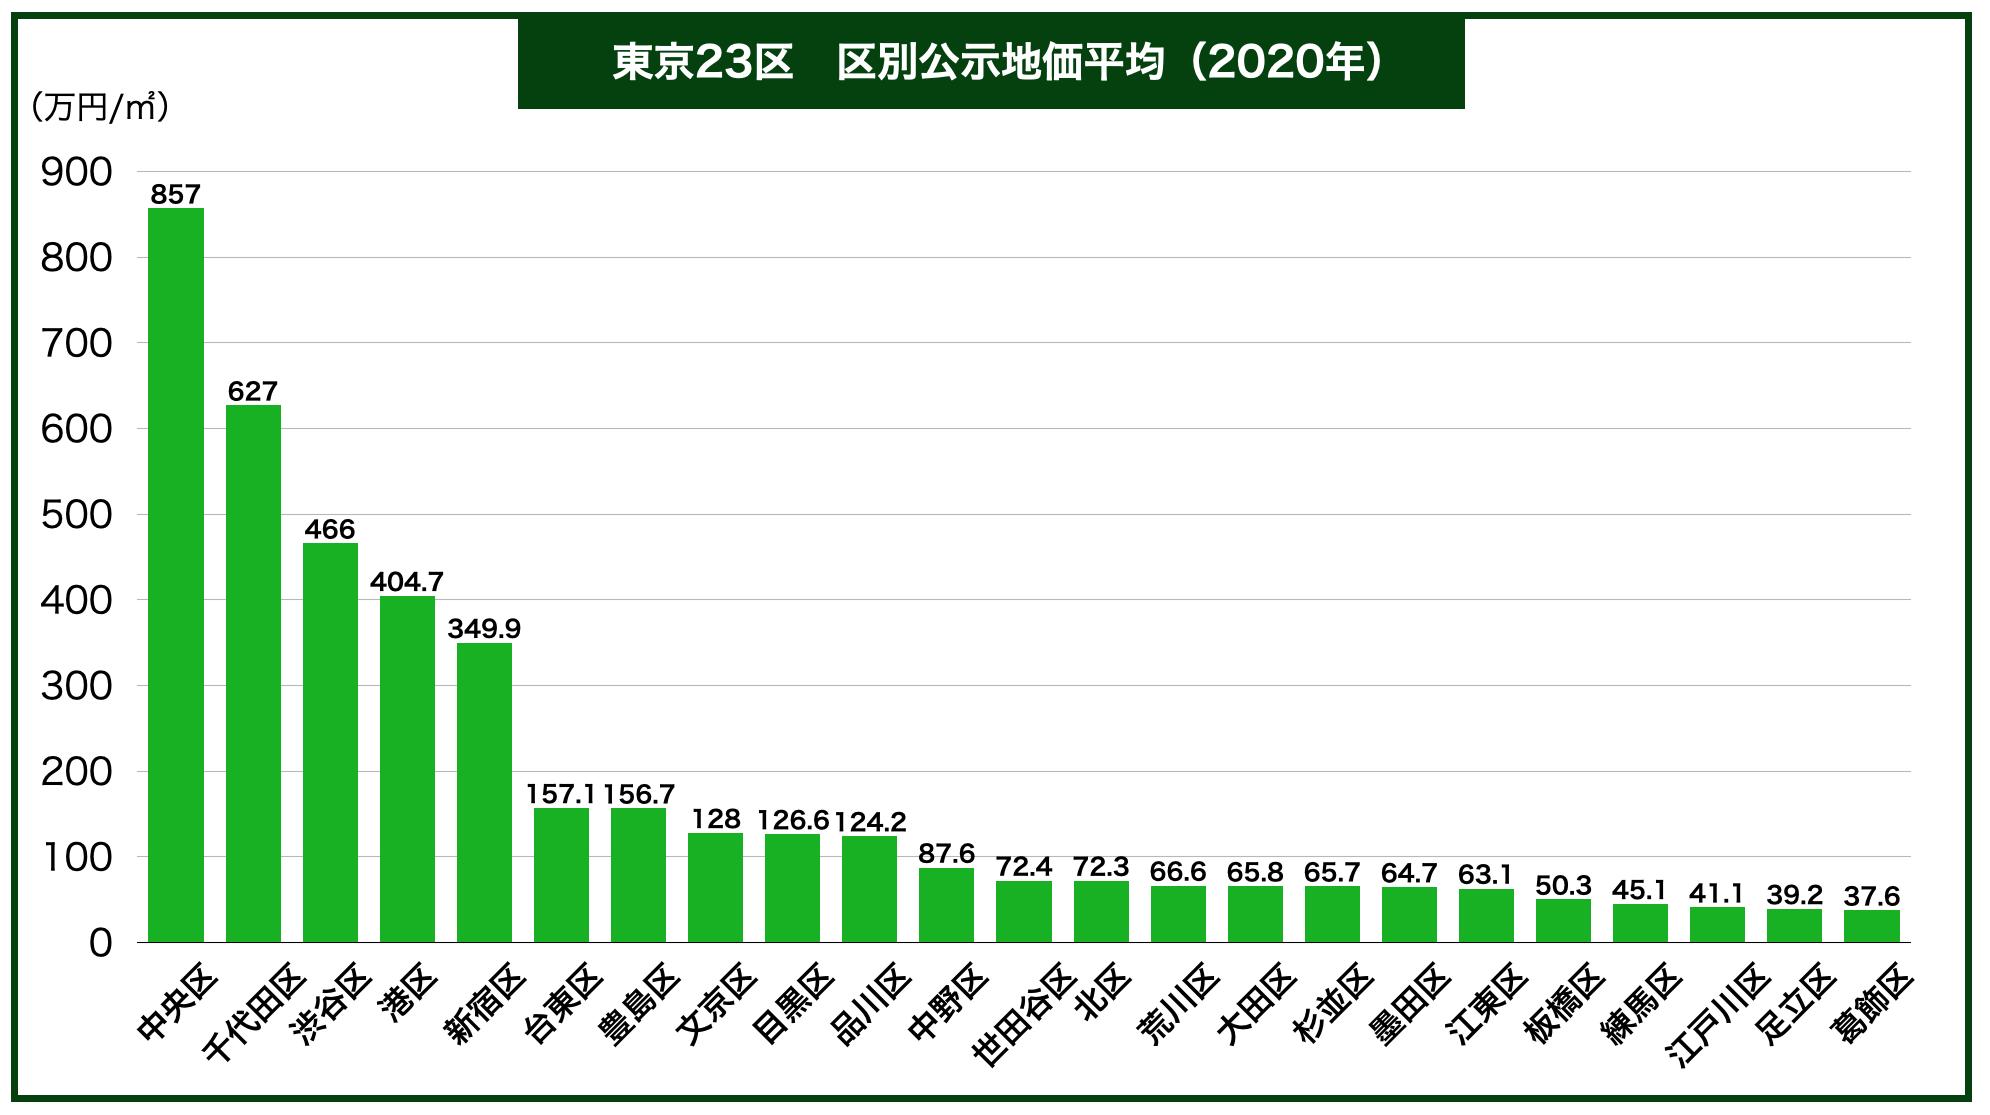 東京都区別公示地価